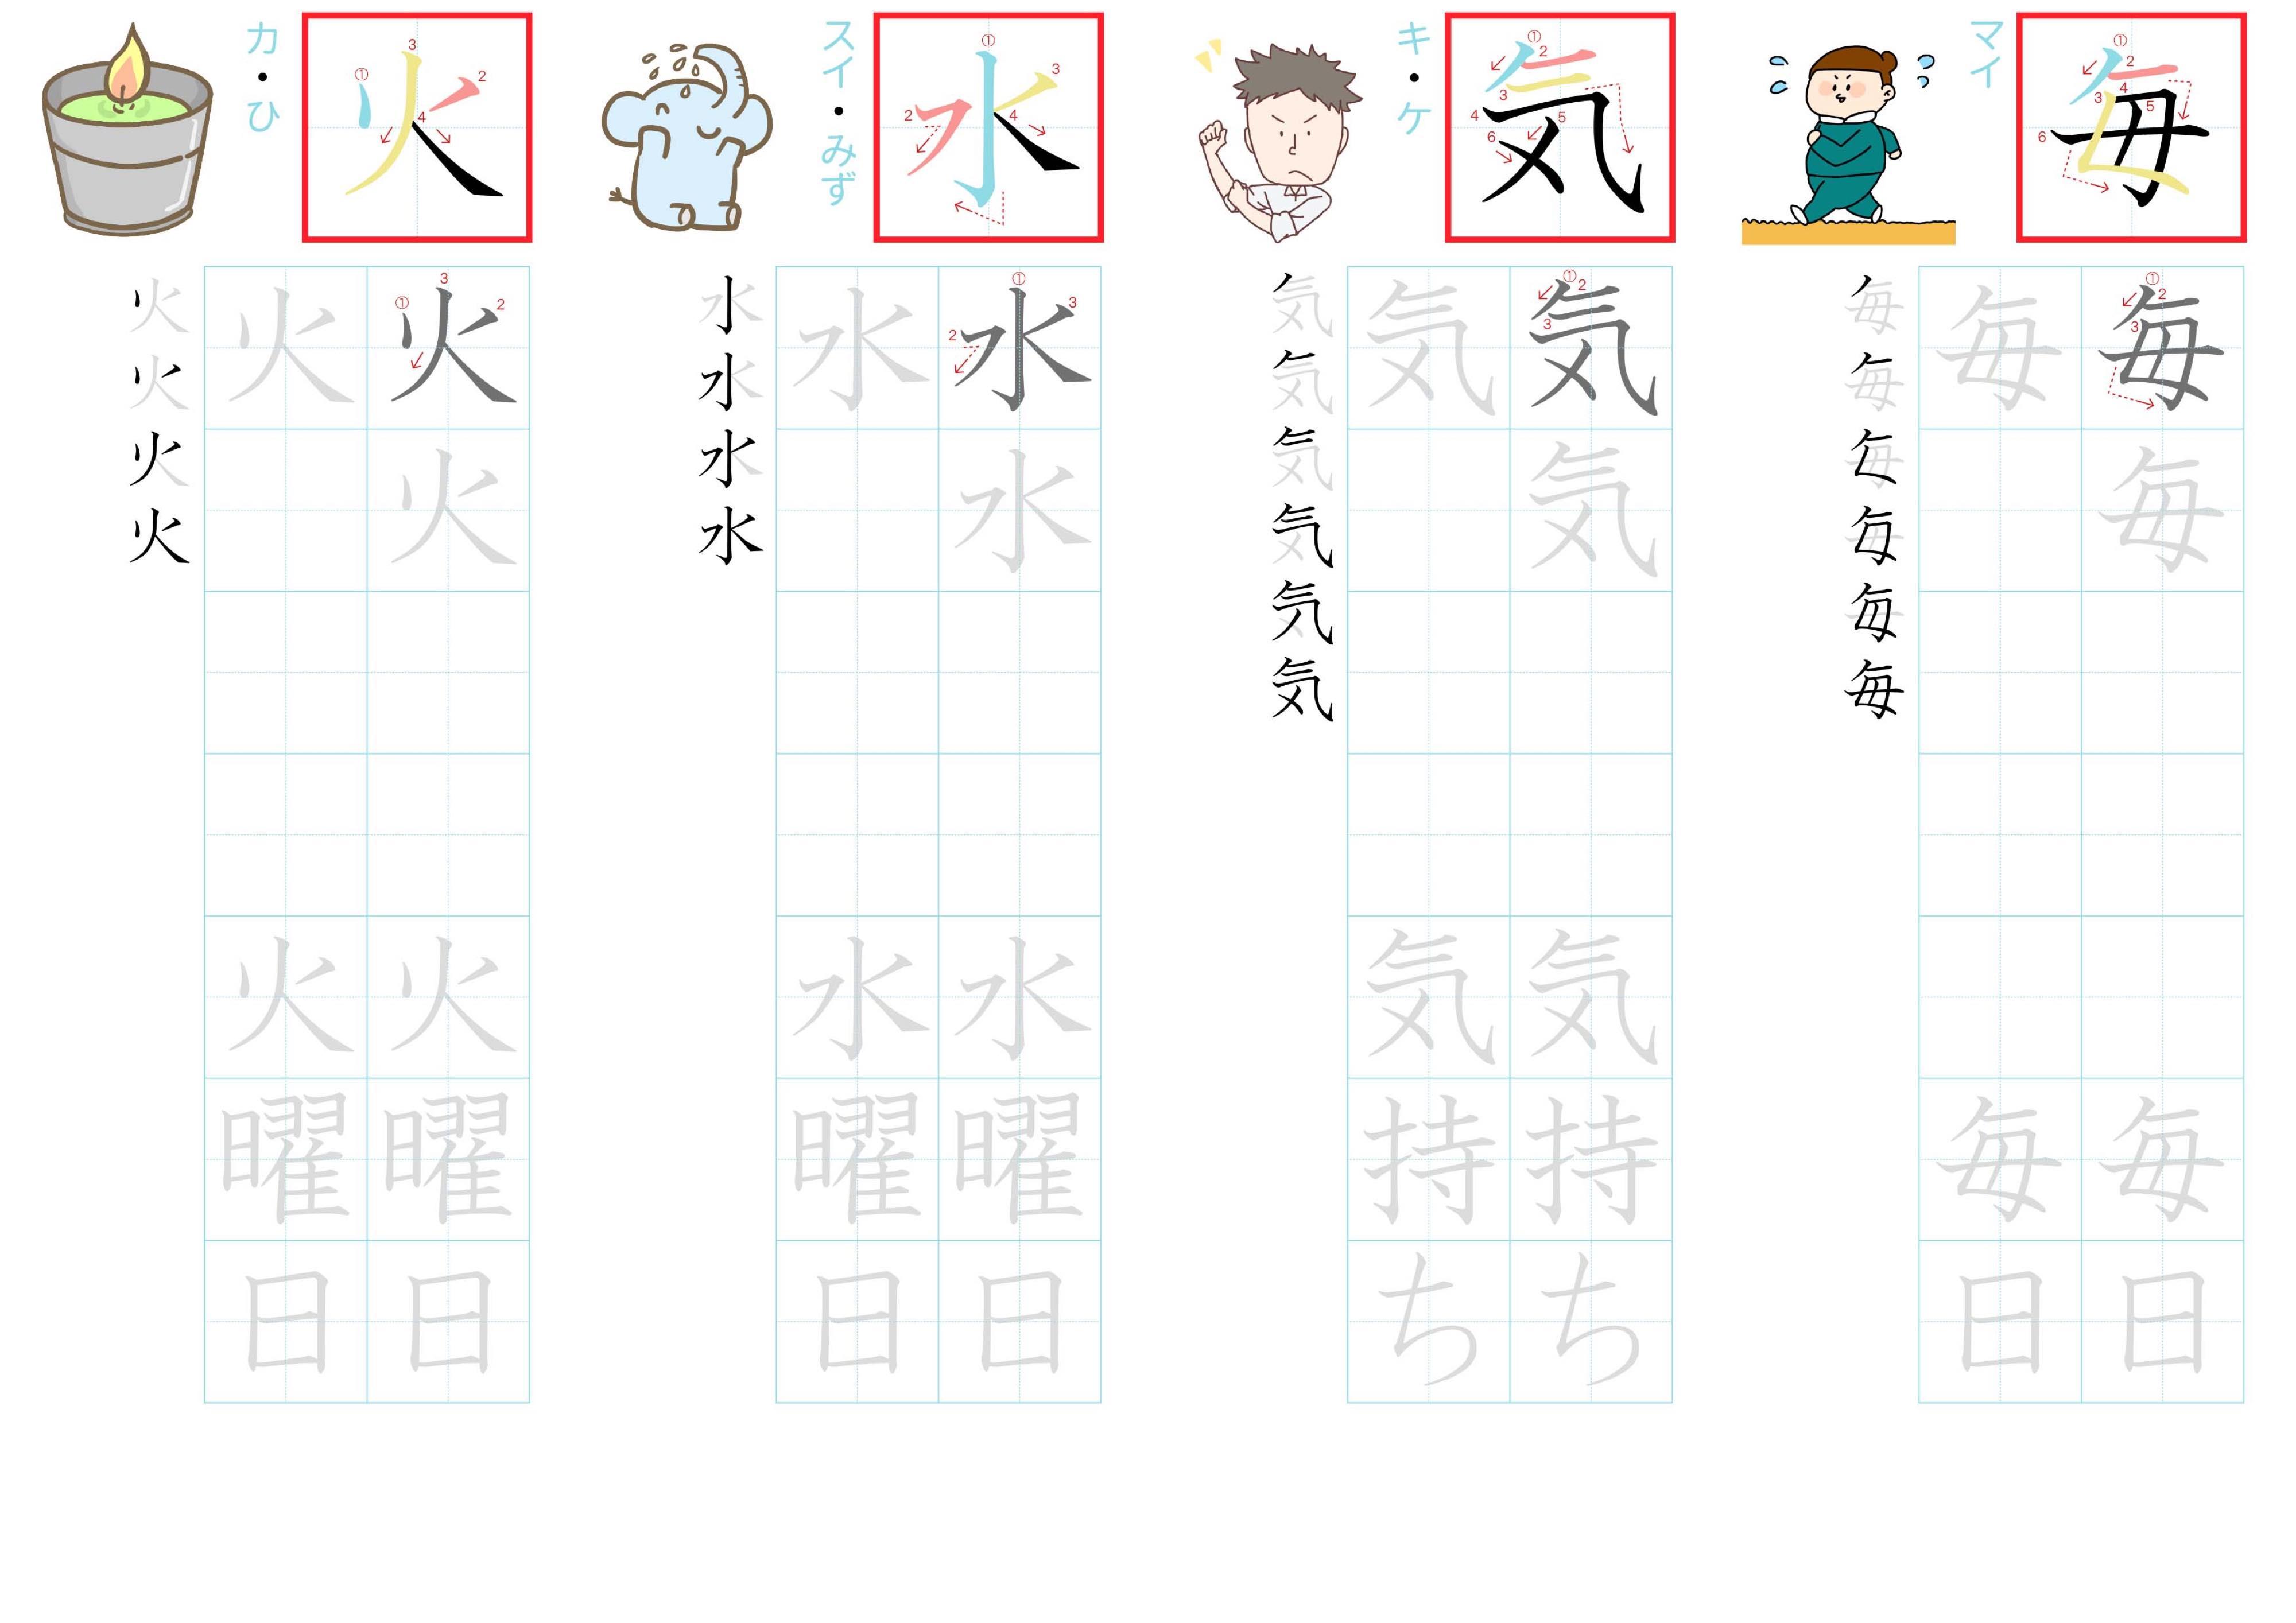 kanji-practice-card-n5-japanese-015